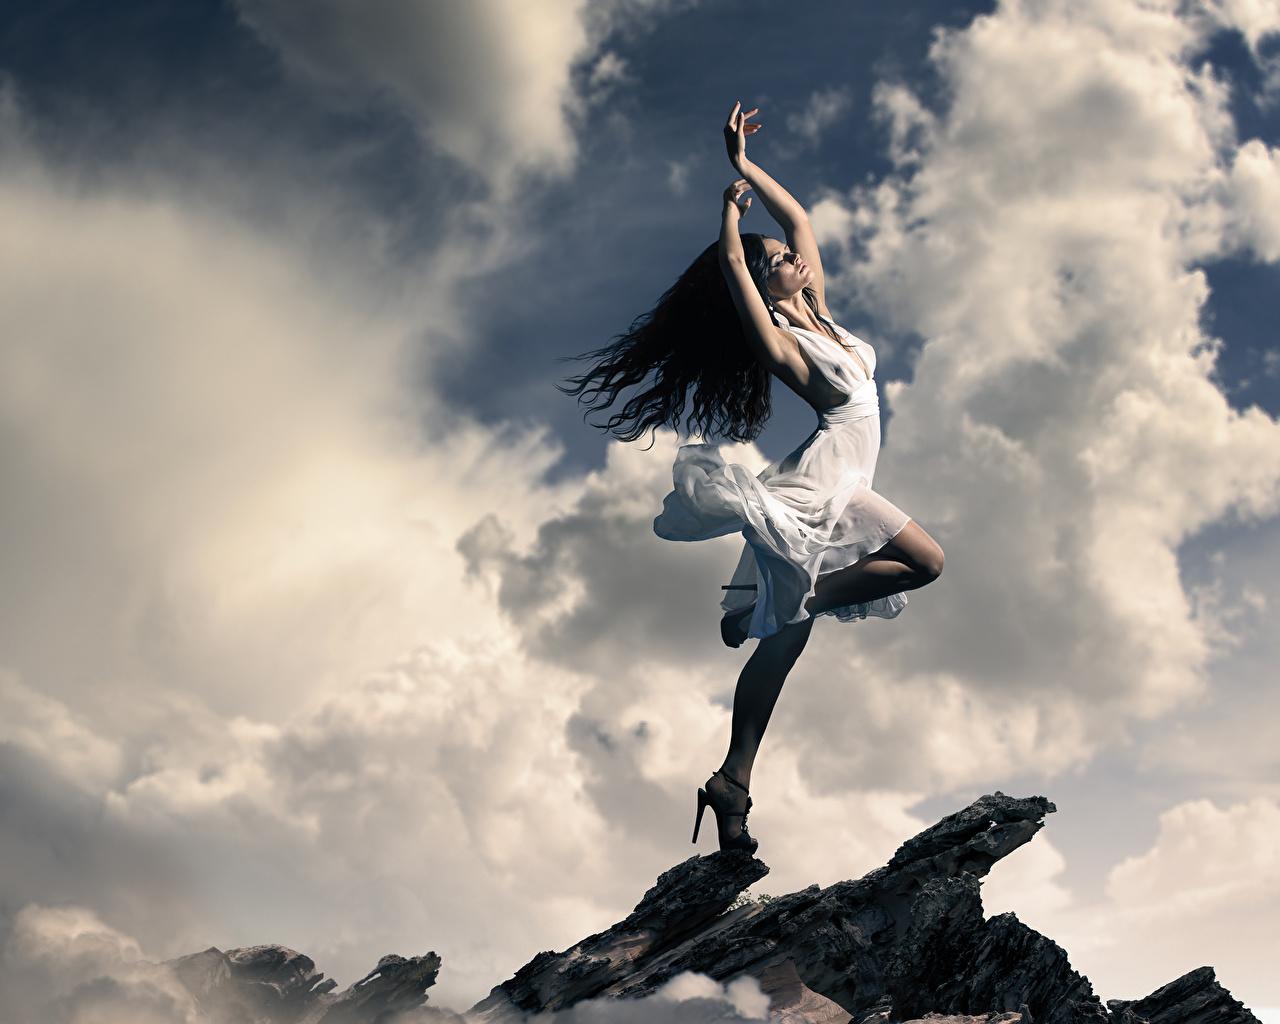 Фотографии брюнетки Девушки Руки облачно платья брюнеток Брюнетка девушка молодые женщины молодая женщина рука облако Облака Платье